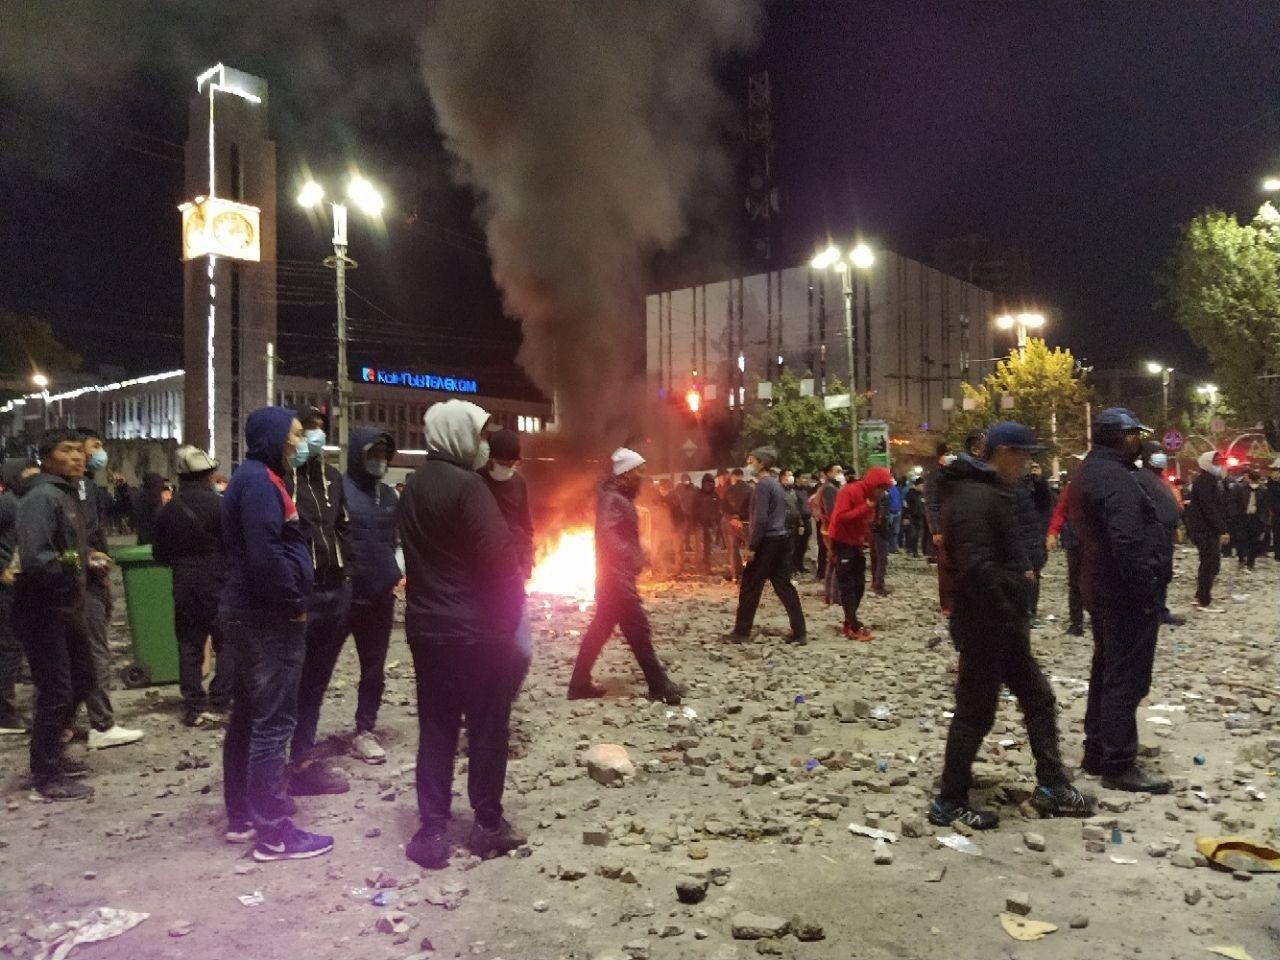 Массовые протесты в Кыргызстане: президент заявил о попытке захвата власти оппозицией